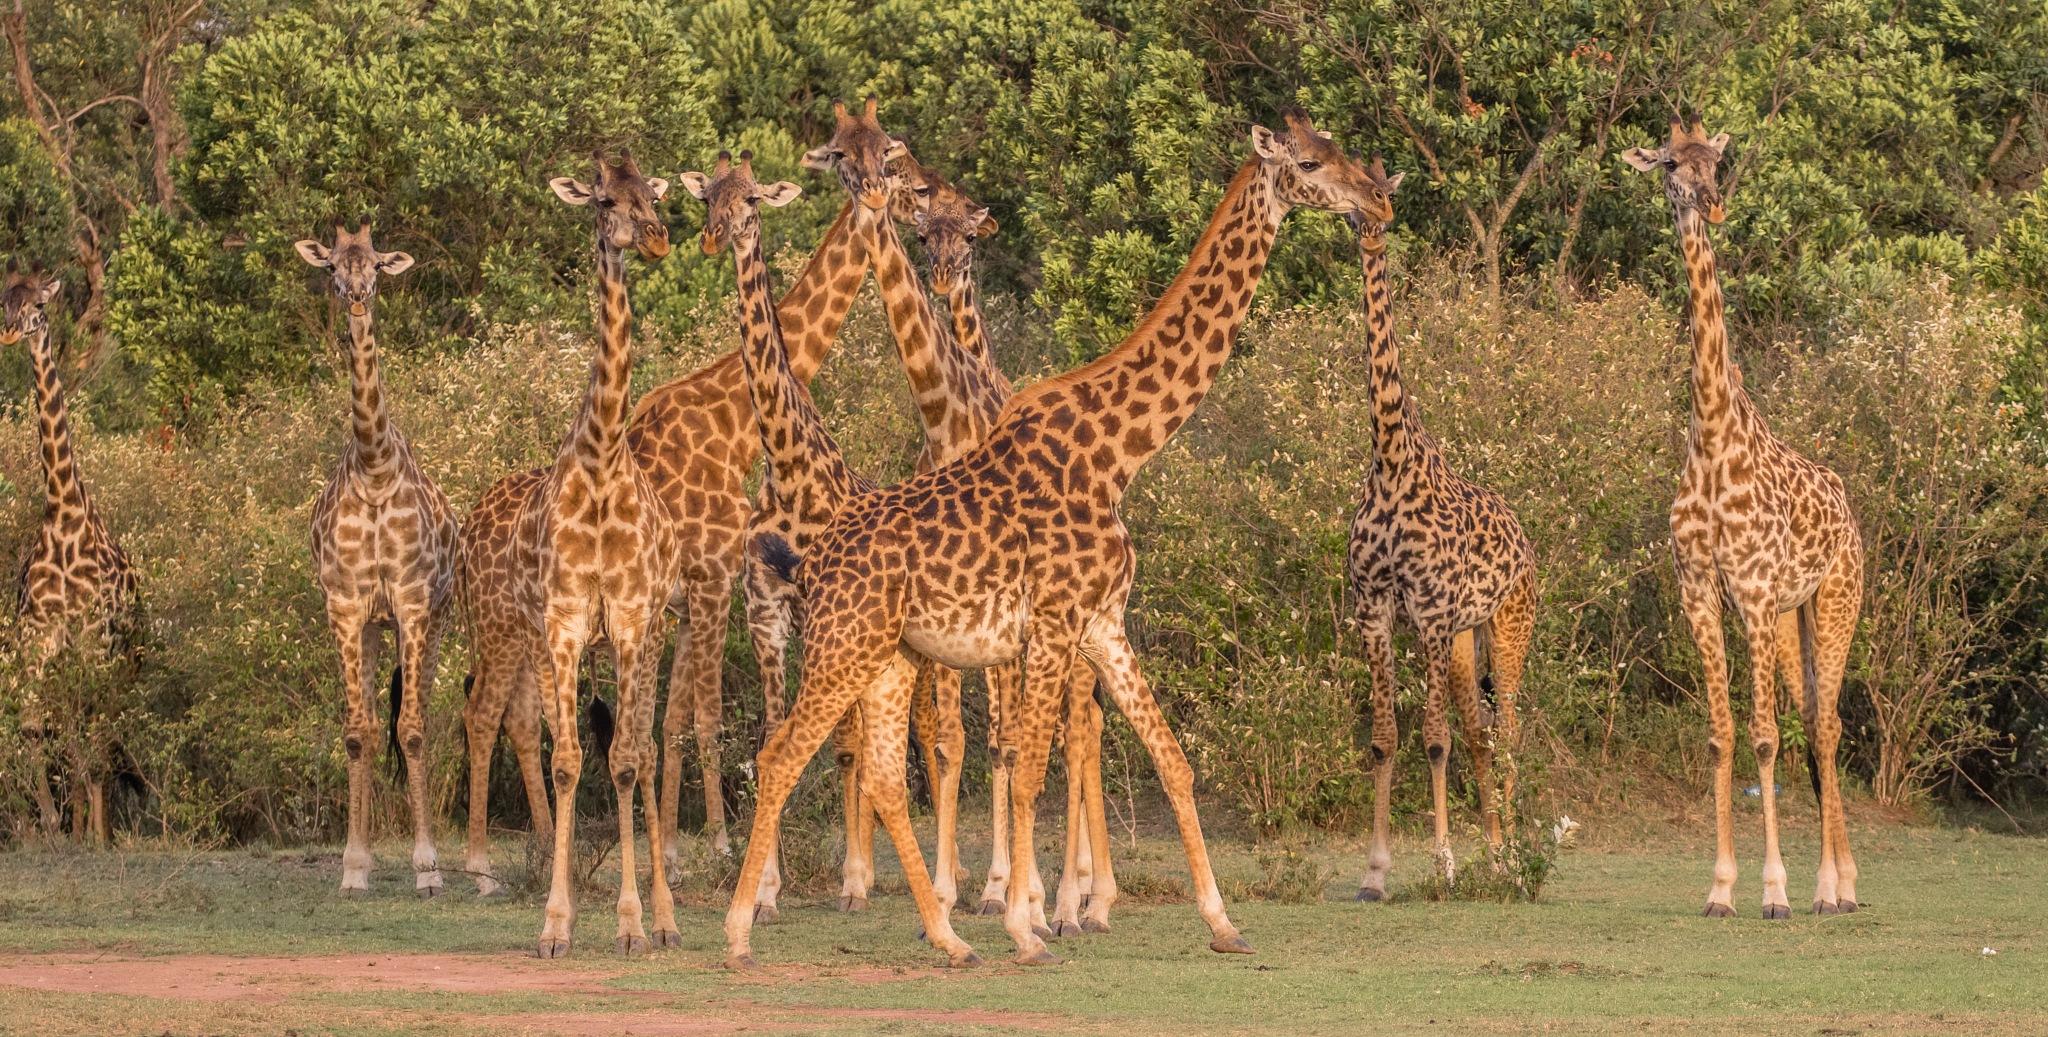 Masai Giraffe  fashion show by Janaka